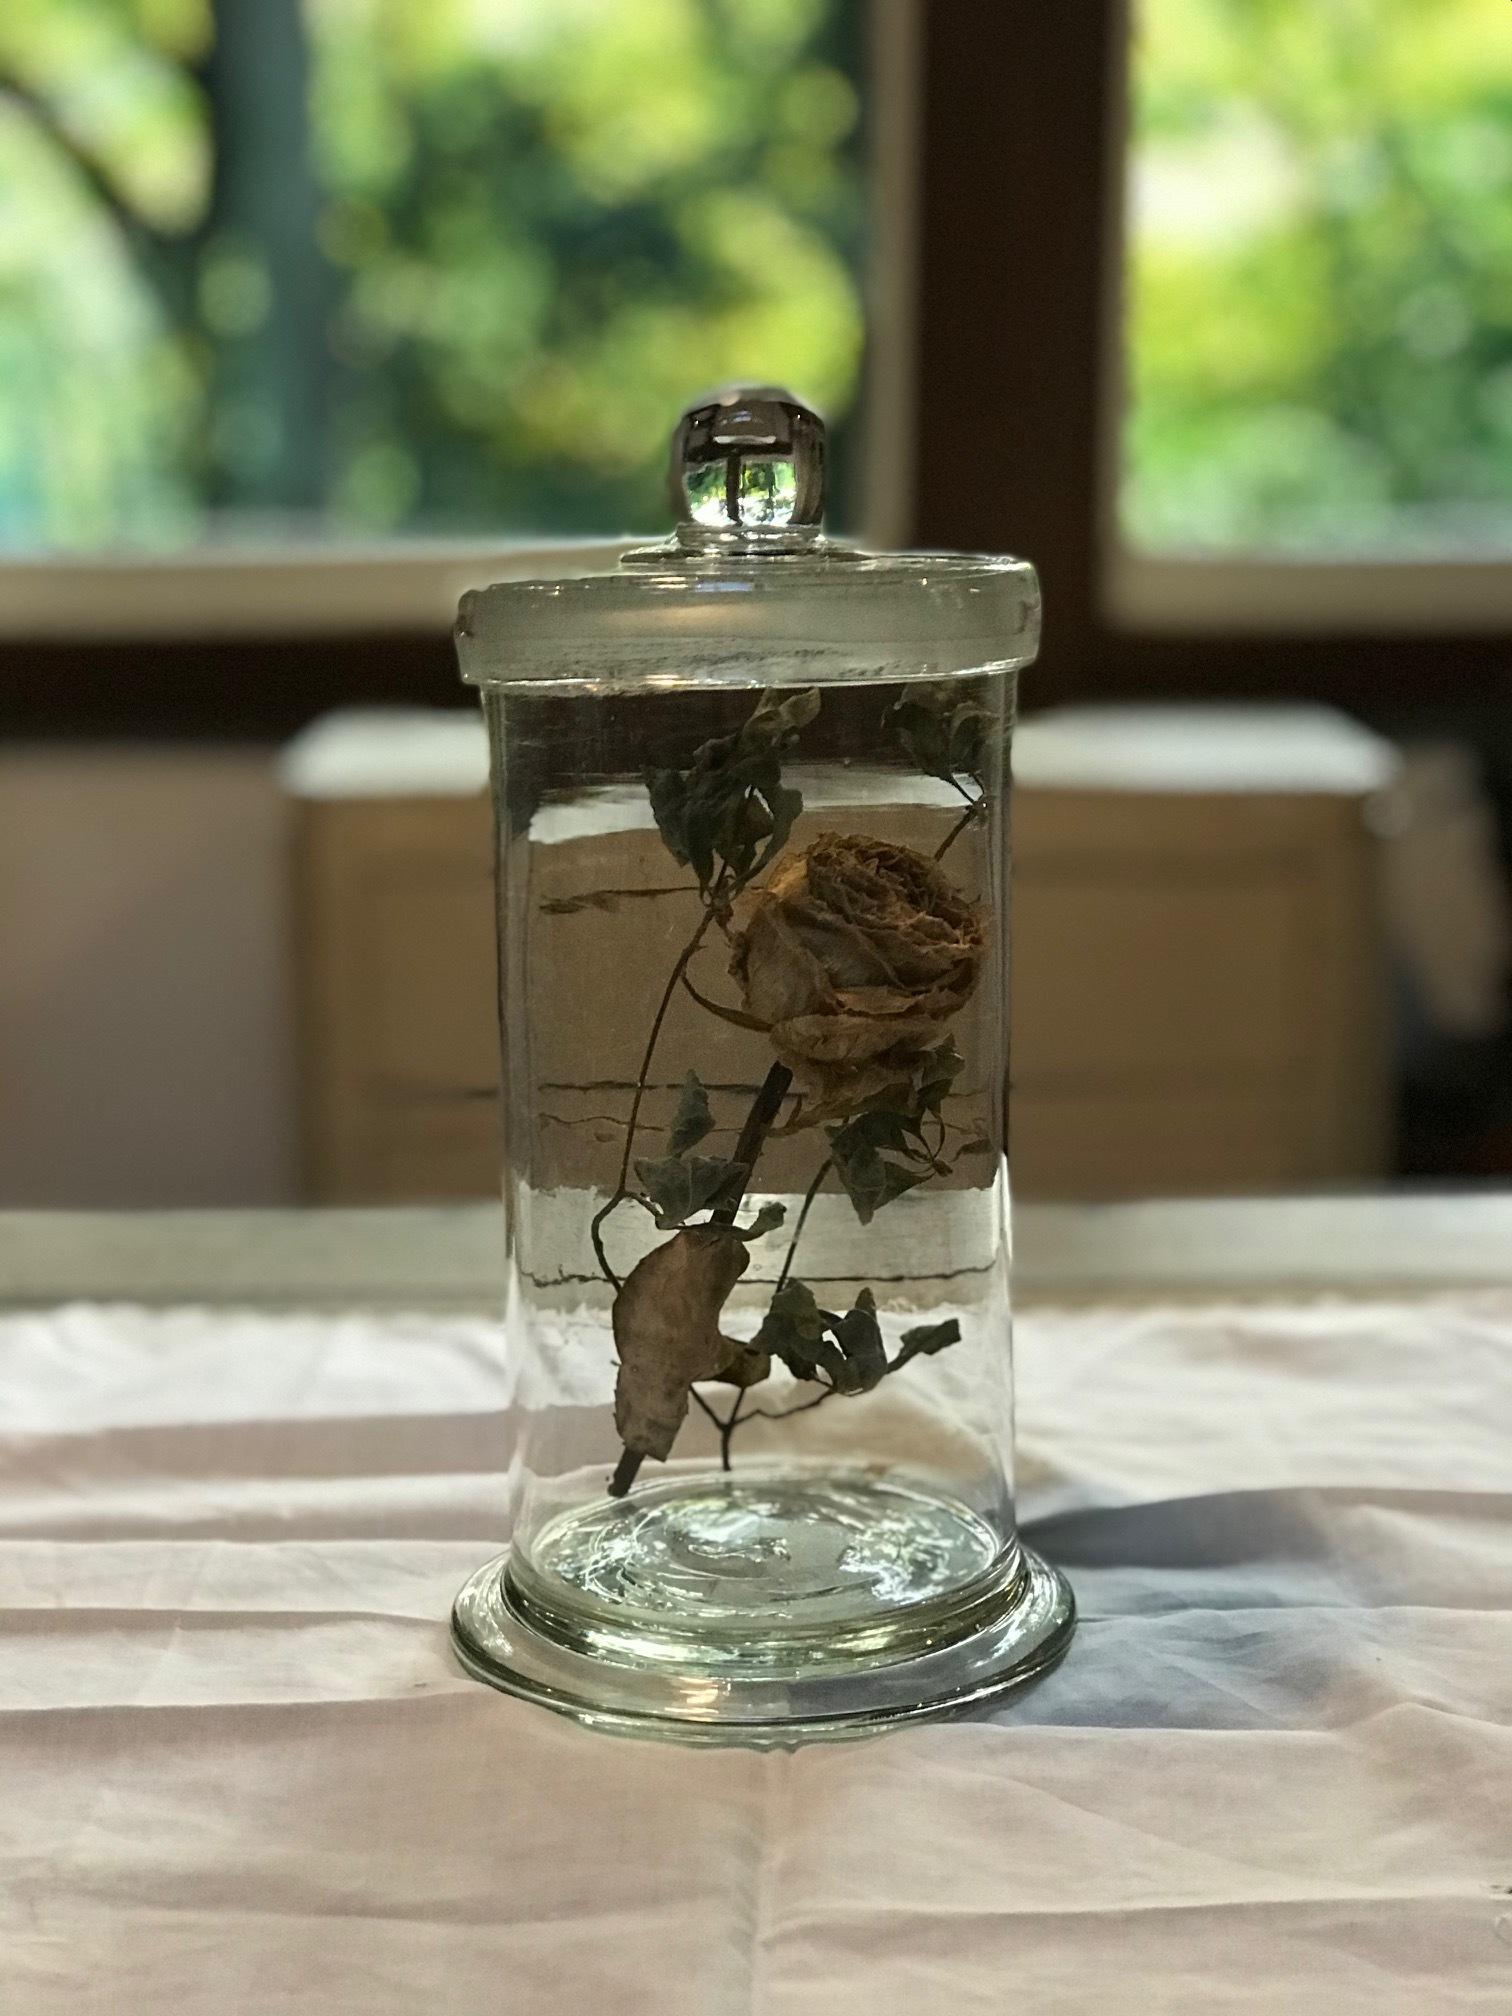 古い標本瓶 ガラス アンティーク 古道具